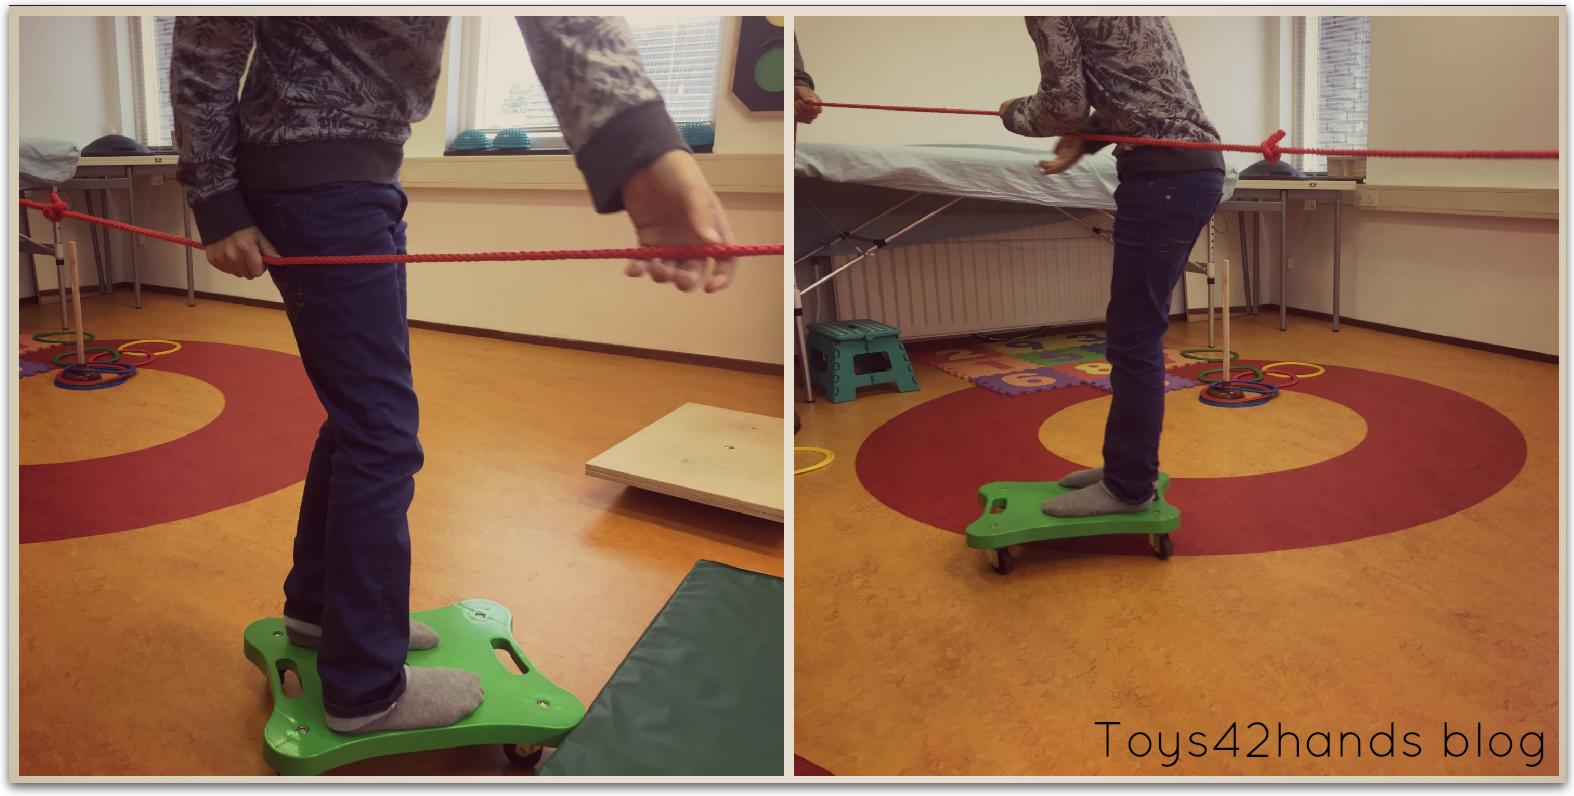 rolplank om evenwicht en coordinatie te oefenen